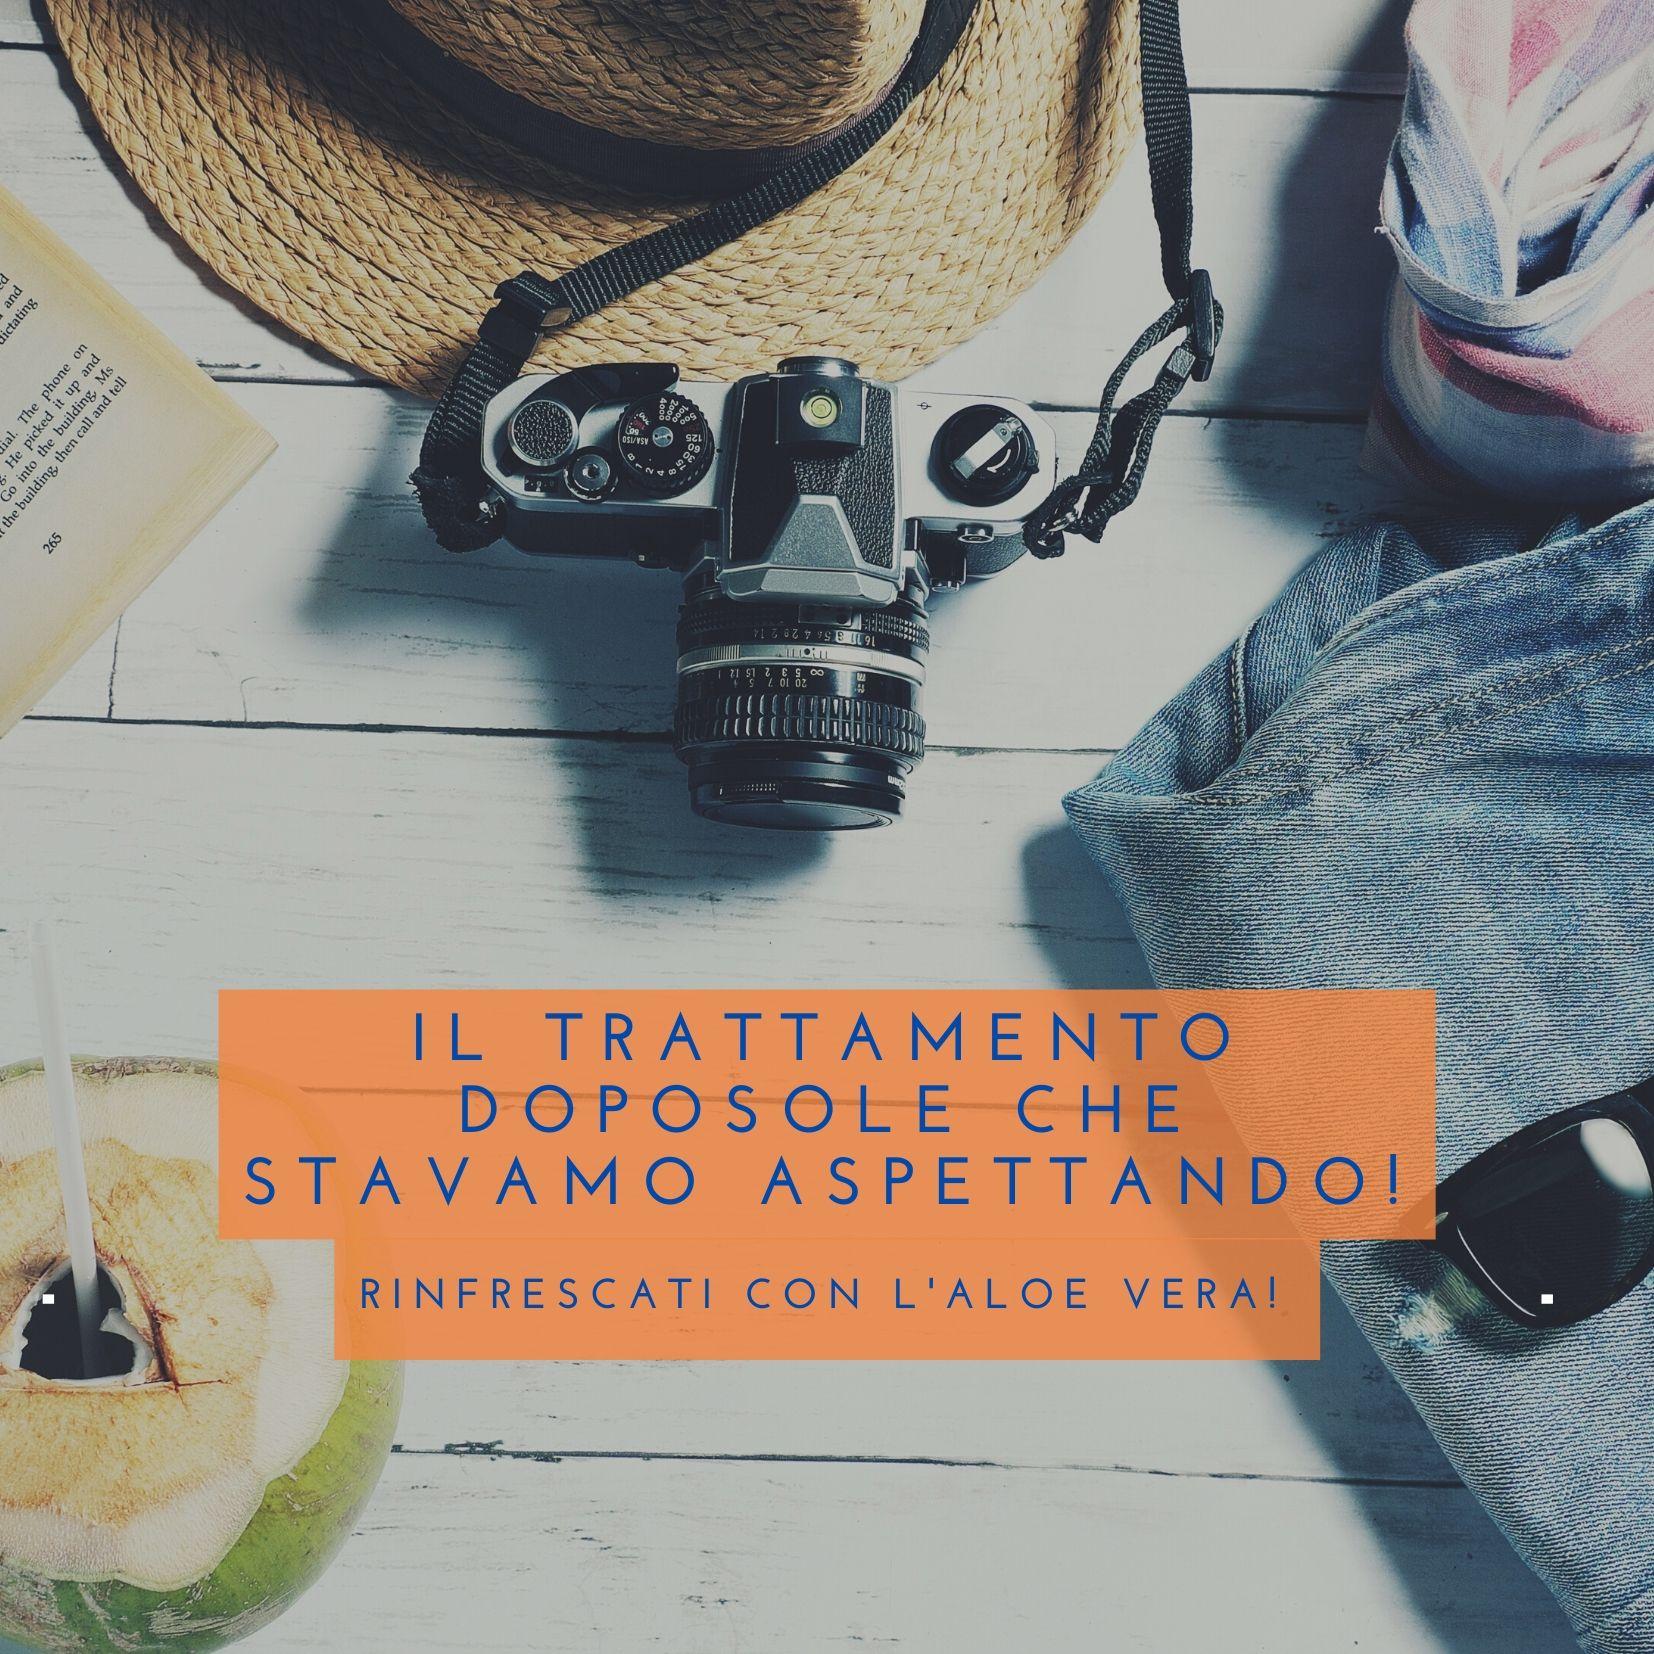 IL TRATTAMENTO DOPOSOLE CHE STAVAMO CERCANDO - RINFRESCATI CON L'ALOE VERA - SUCCOALOEVERA - FOREVER LIVING PRODUCTS